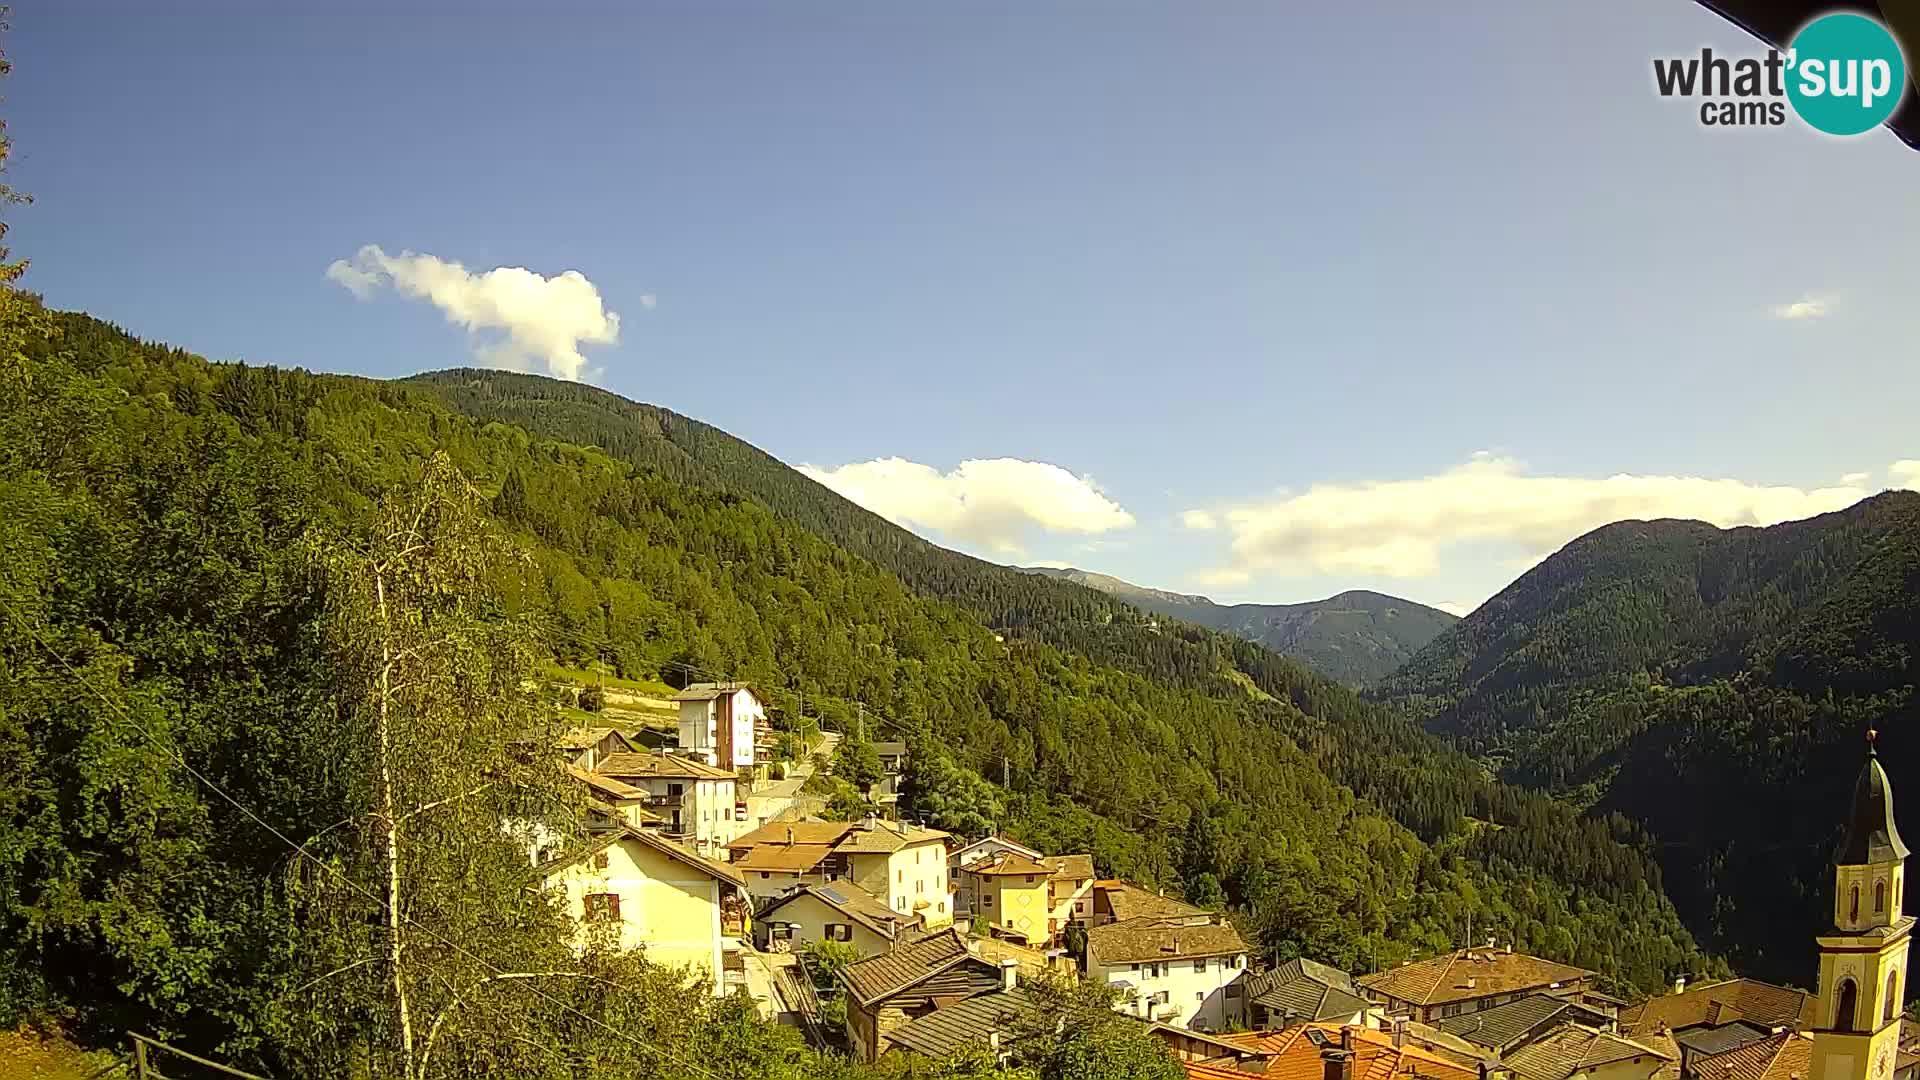 Web kamera Sover – pogled na gorovje Lagorai